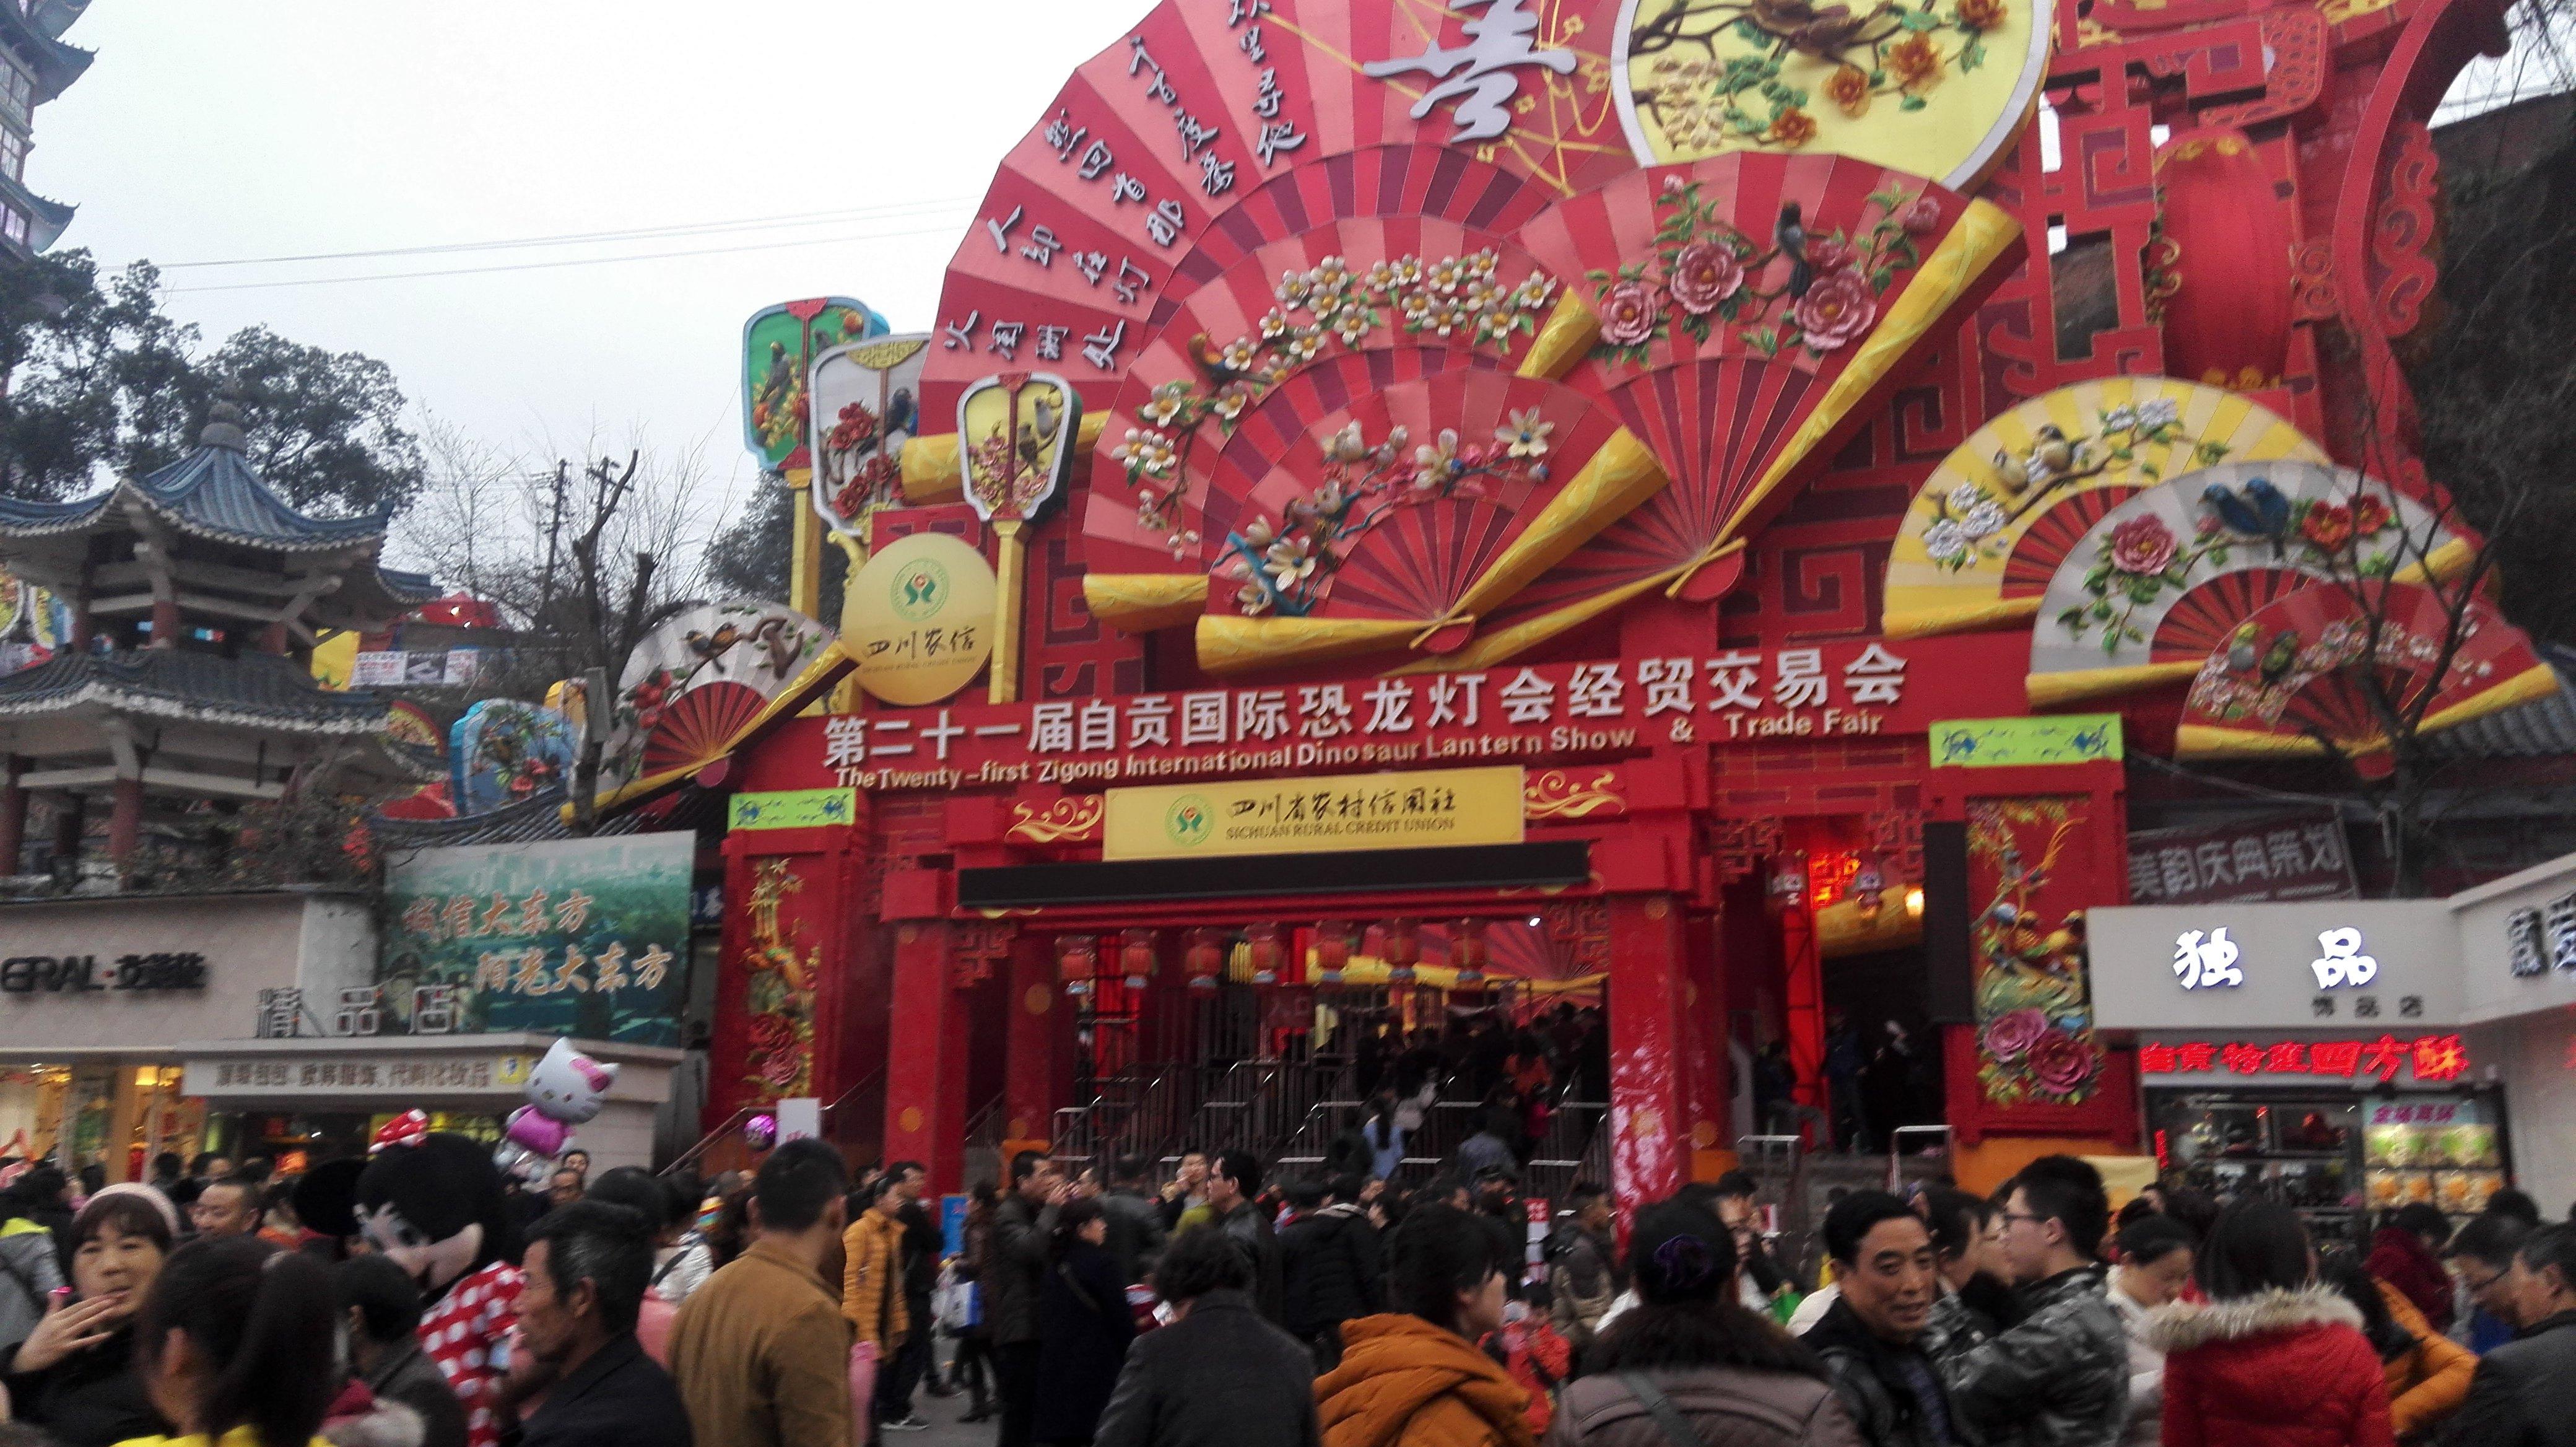 加游站#自贡灯,三国博物馆,乐山大佛春节攻略文字游戏魔王游记恐龙